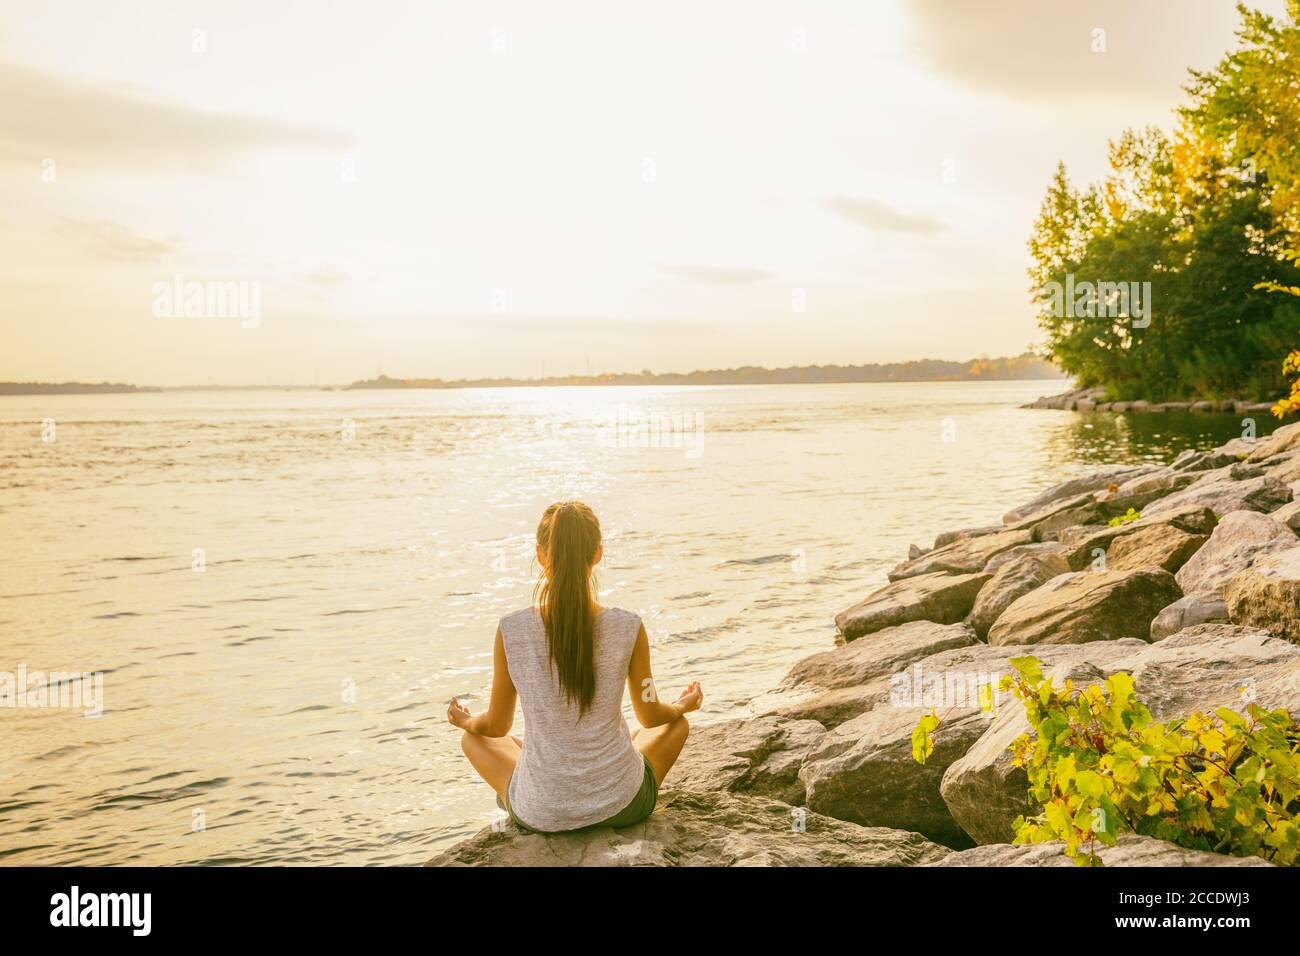 Cours de yoga à l'extérieur dans un parc naturel près du bord du lac. Une femme assise dans le lotus pose méditant par l'eau dans le soleil du matin se fait jour au lever du soleil. Méditation Banque D'Images